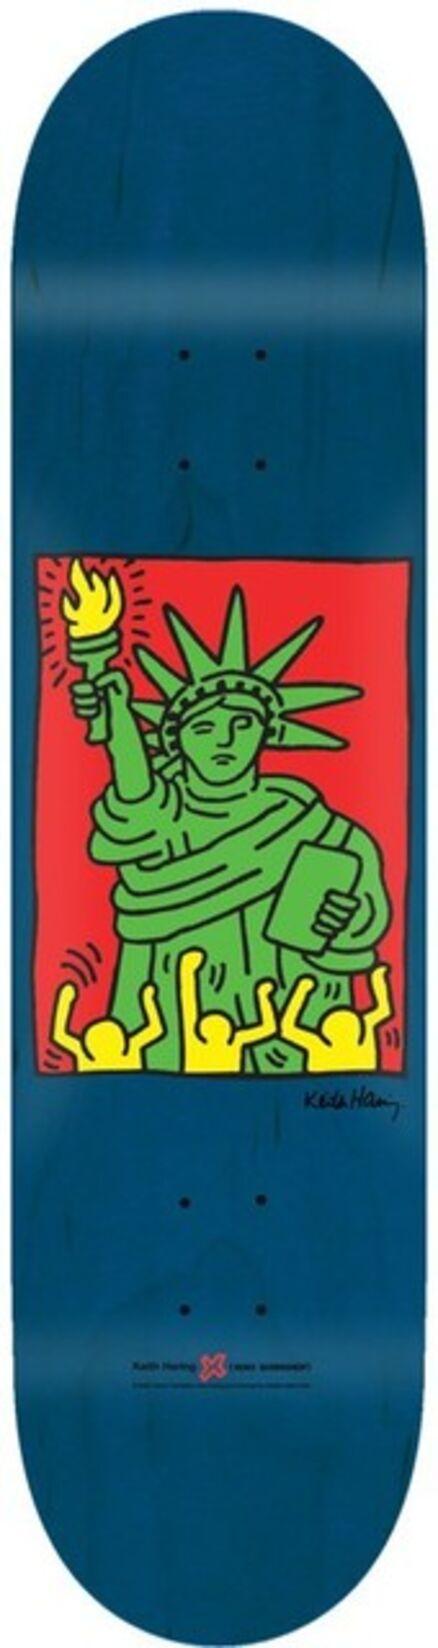 Keith Haring, 'Liberty', 2013